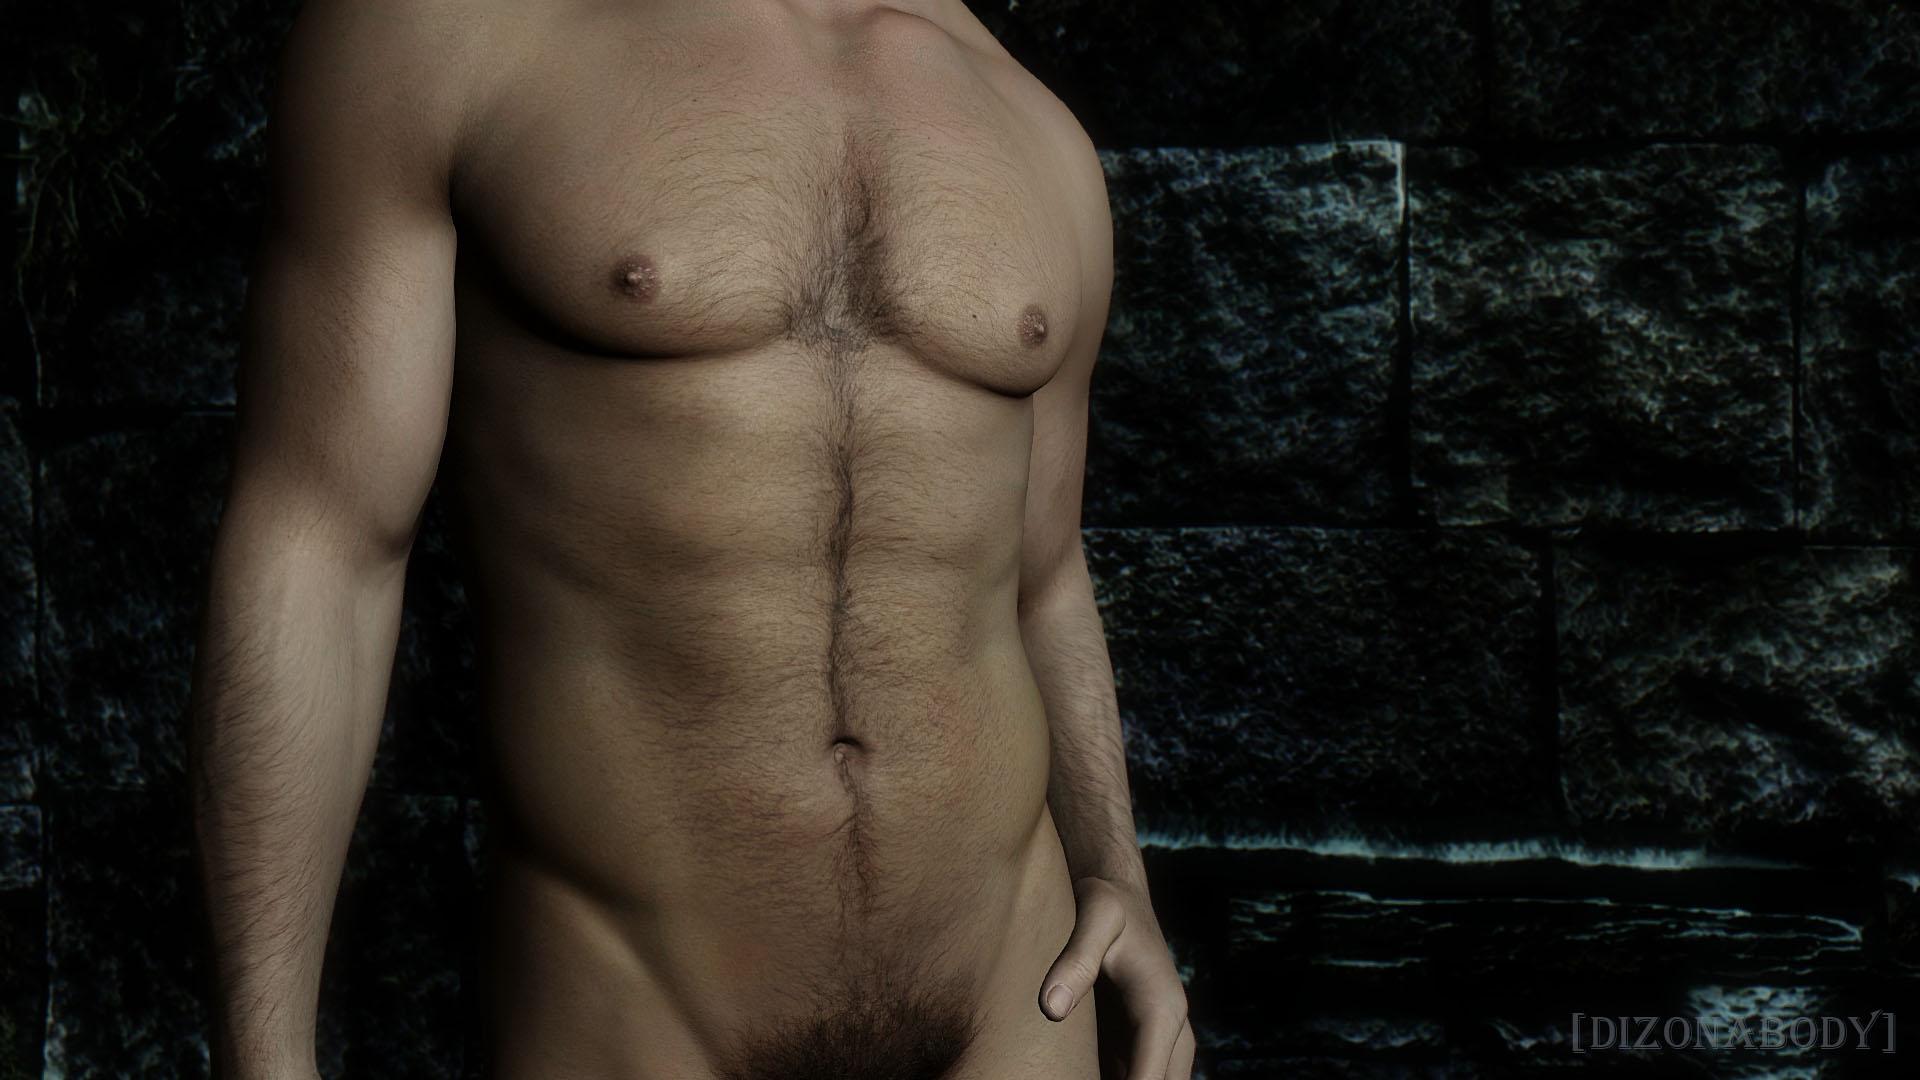 Эротические картинки голых мужиков, Голые мужчины фото - обнаженные парни 14 фотография